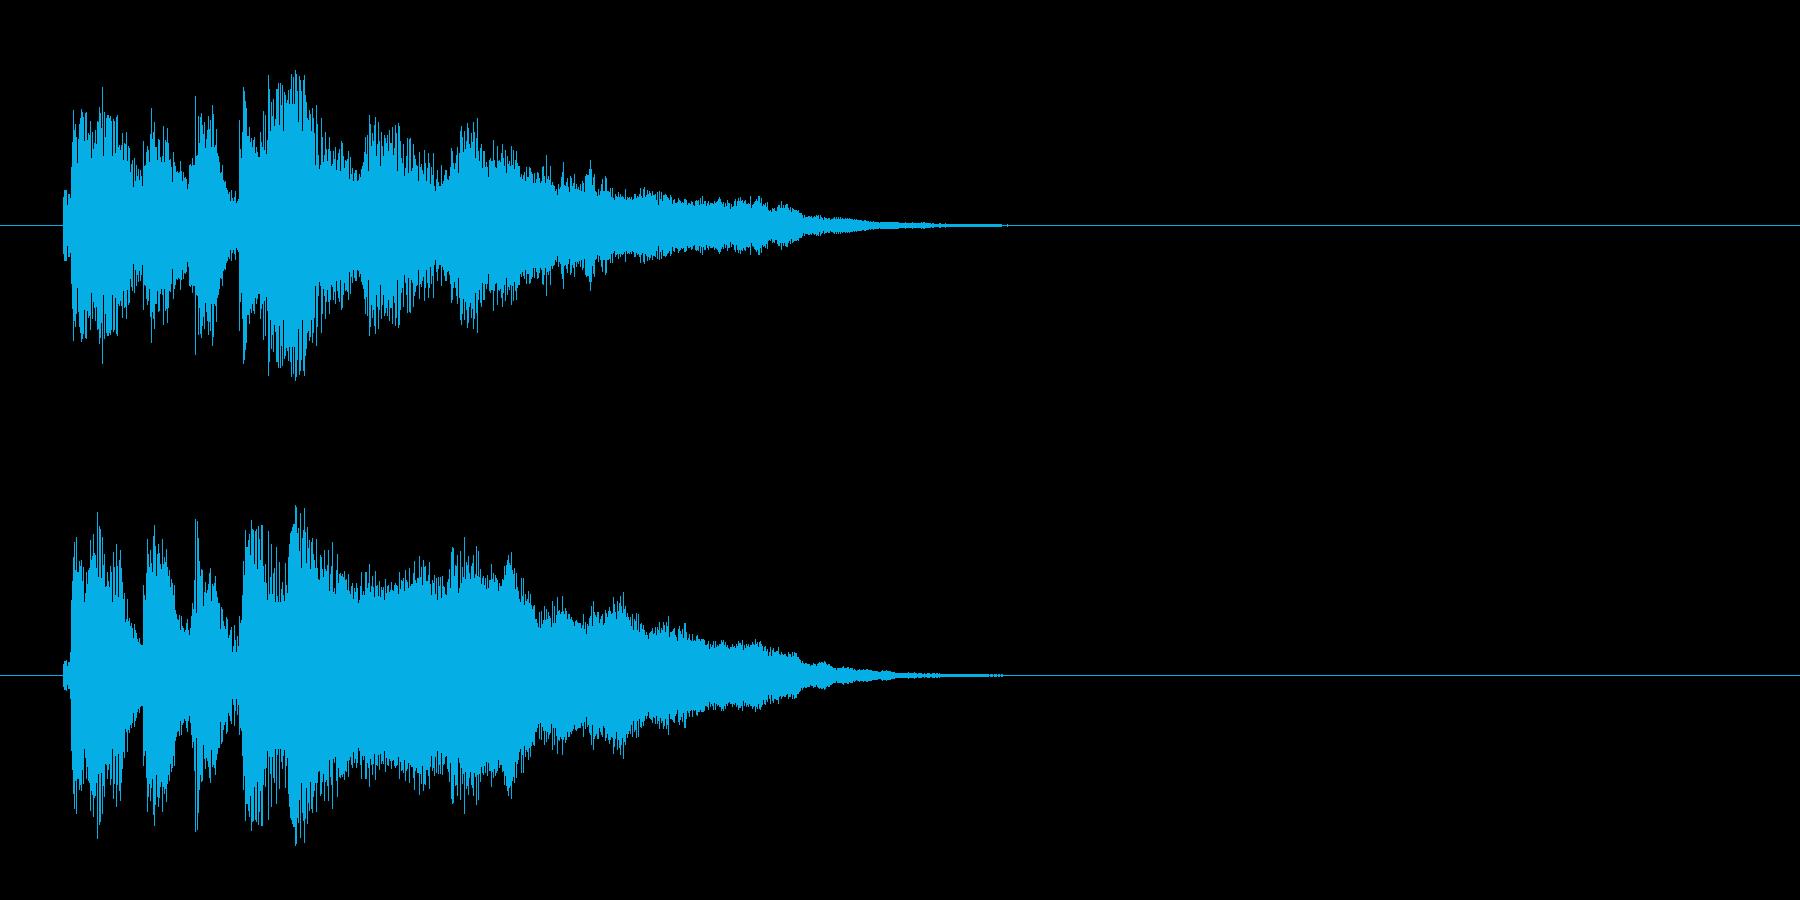 ジングル/環境(コーナー・エンド風)の再生済みの波形